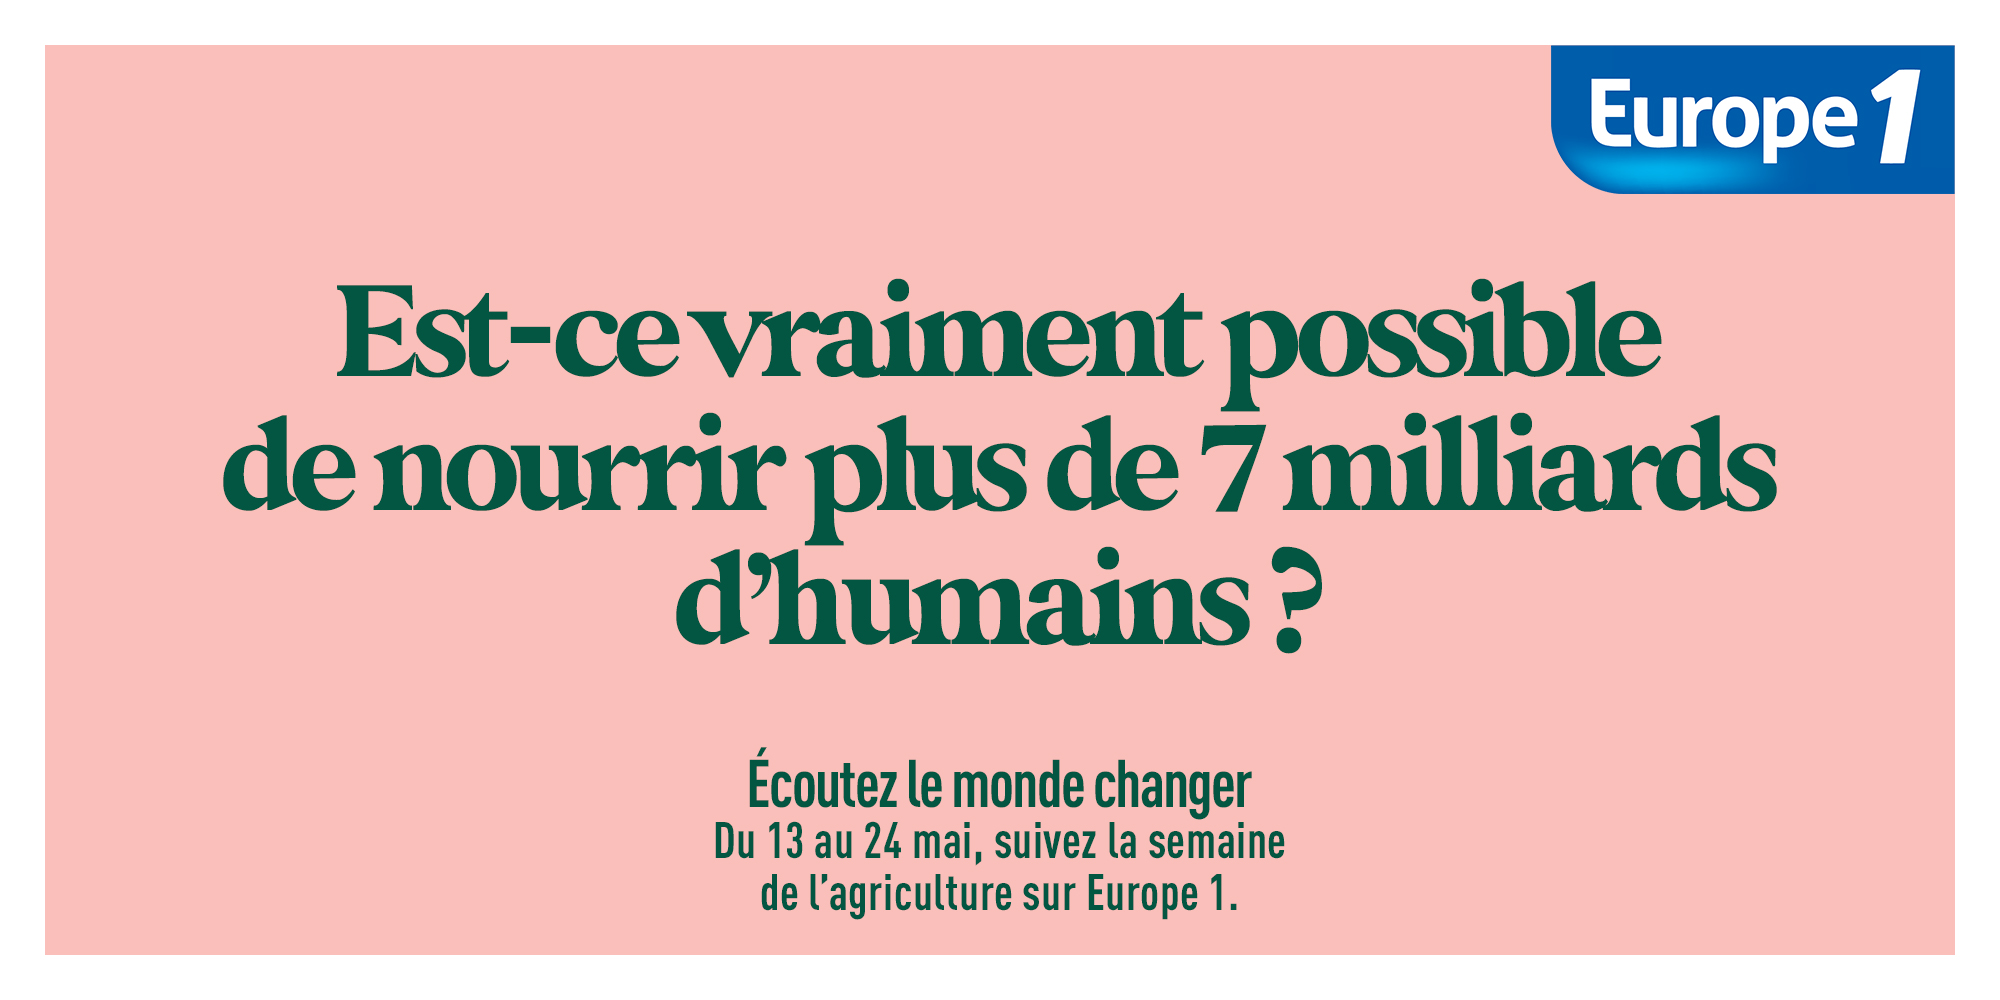 Europe 1 part à la rencontre du monde agricole